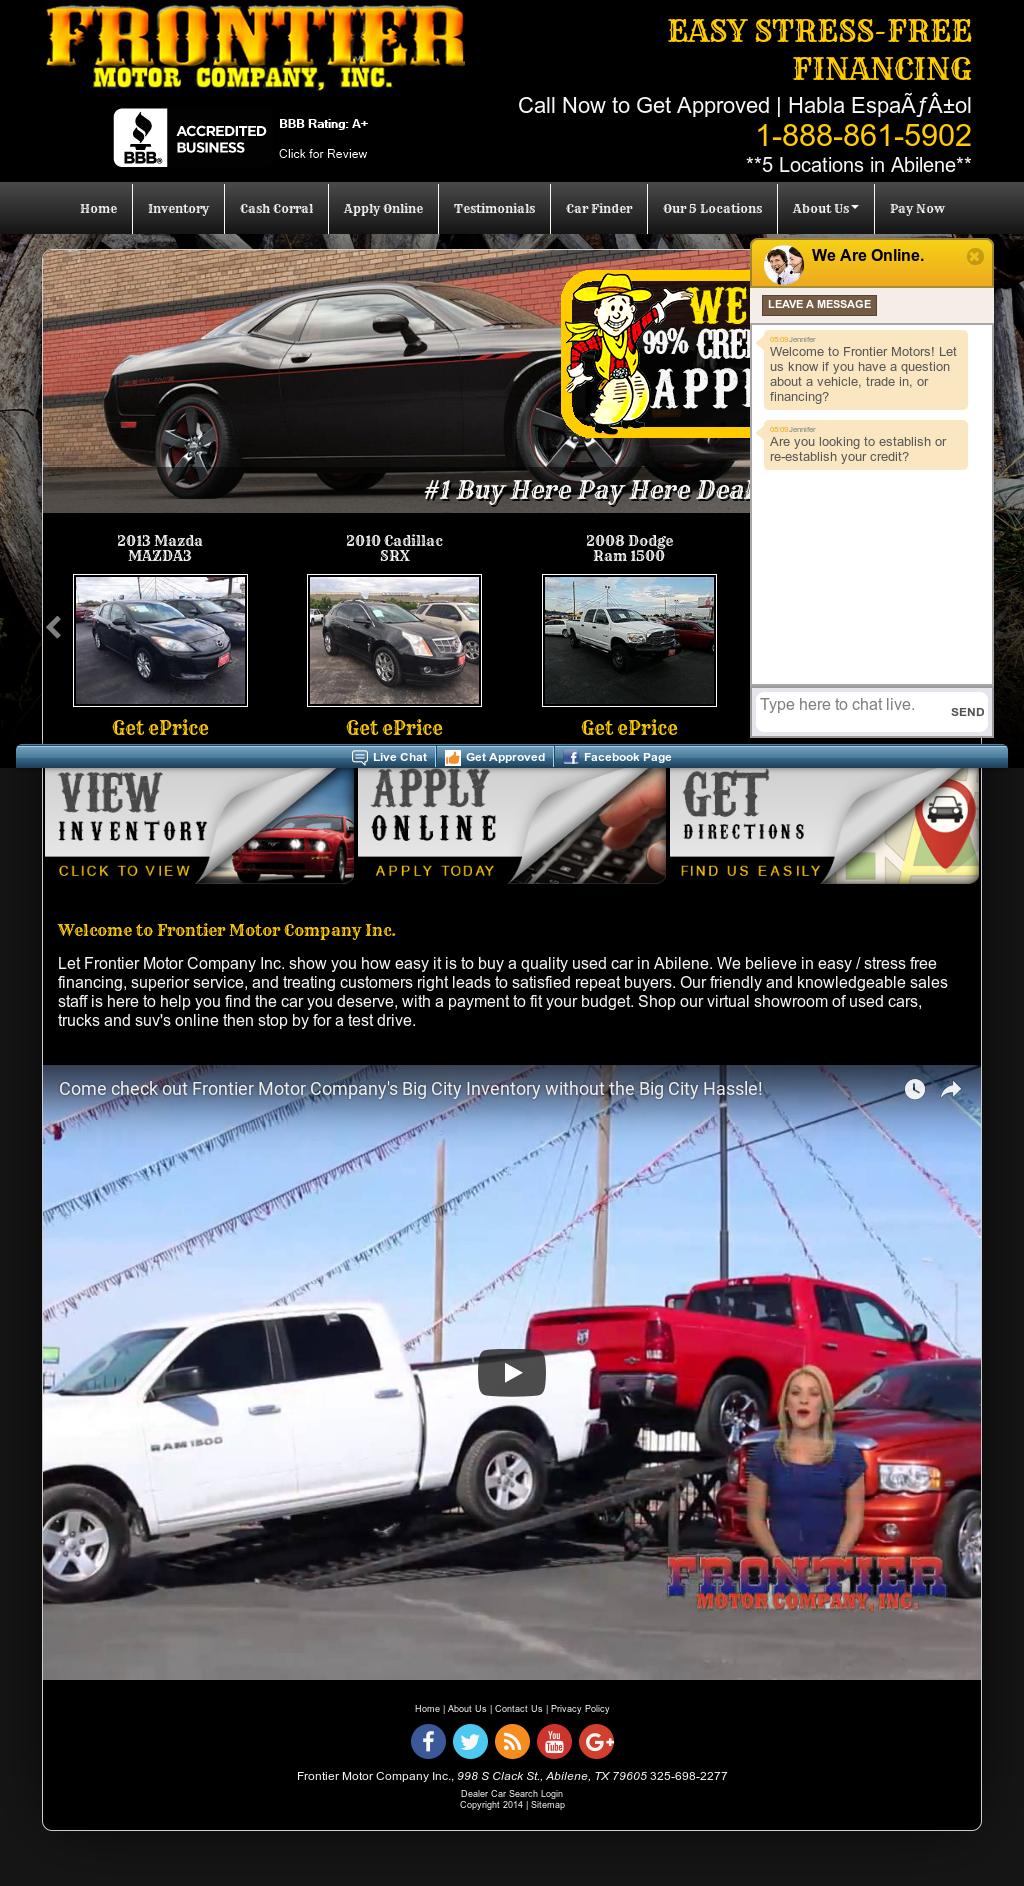 Arrow Ford Abilene >> Frontier Motors Abilene Texas - impremedia.net